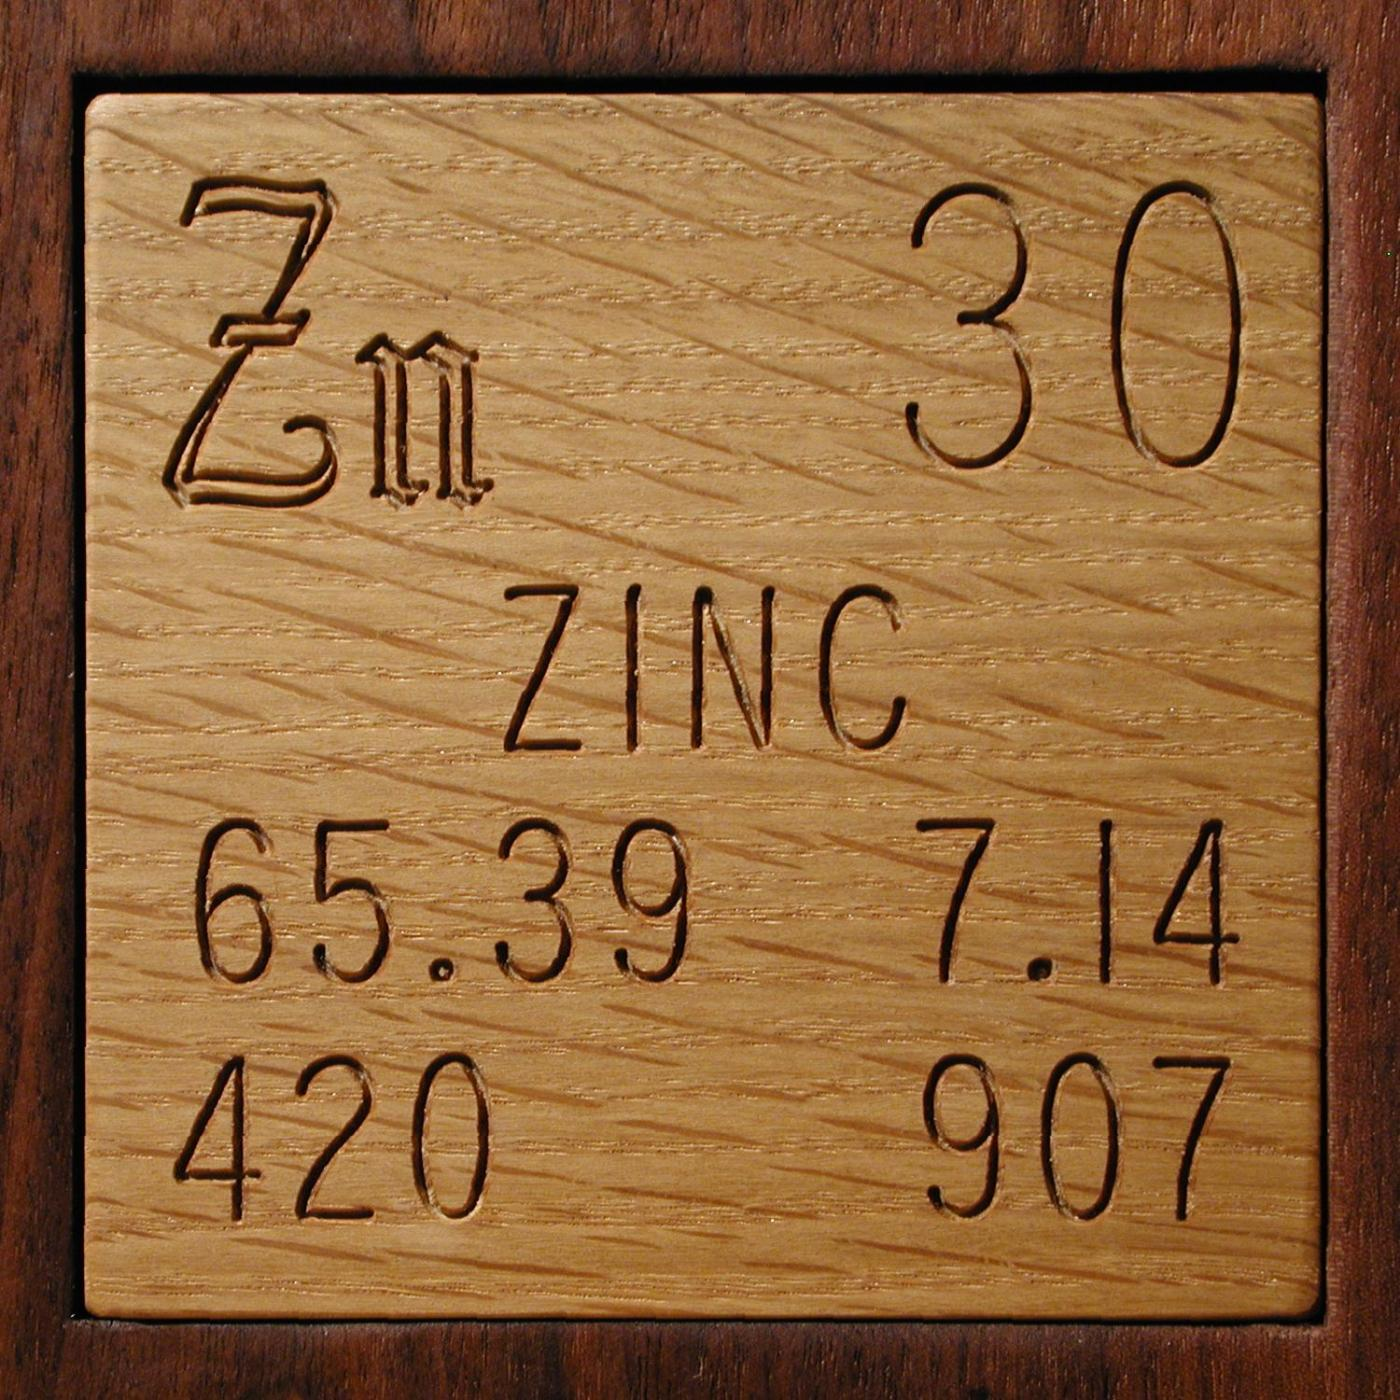 Zinc Zinc Periodic Table